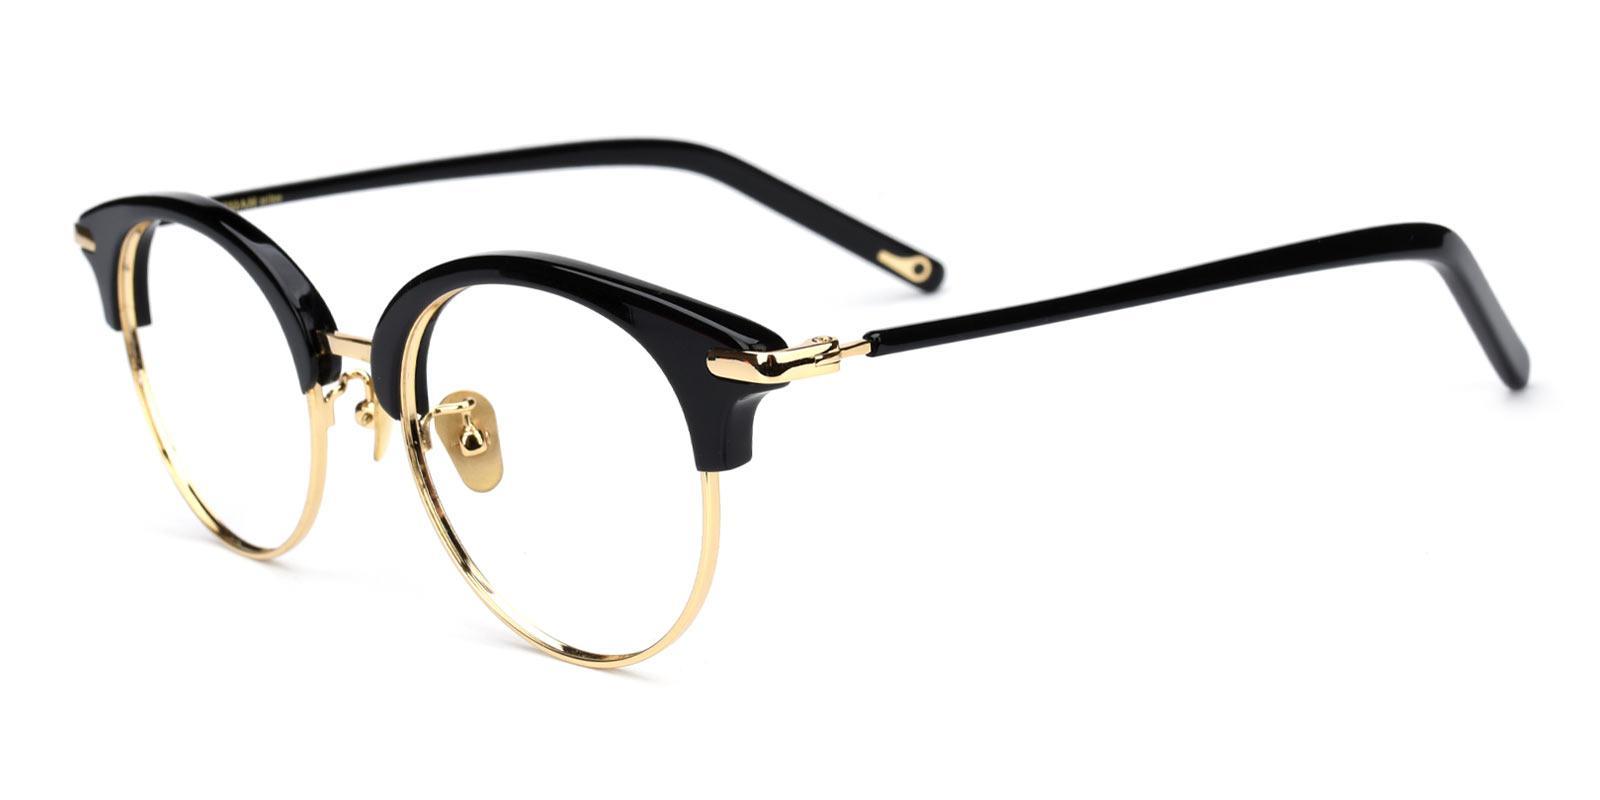 Jodie-Gold-Browline-Titanium-Eyeglasses-additional1